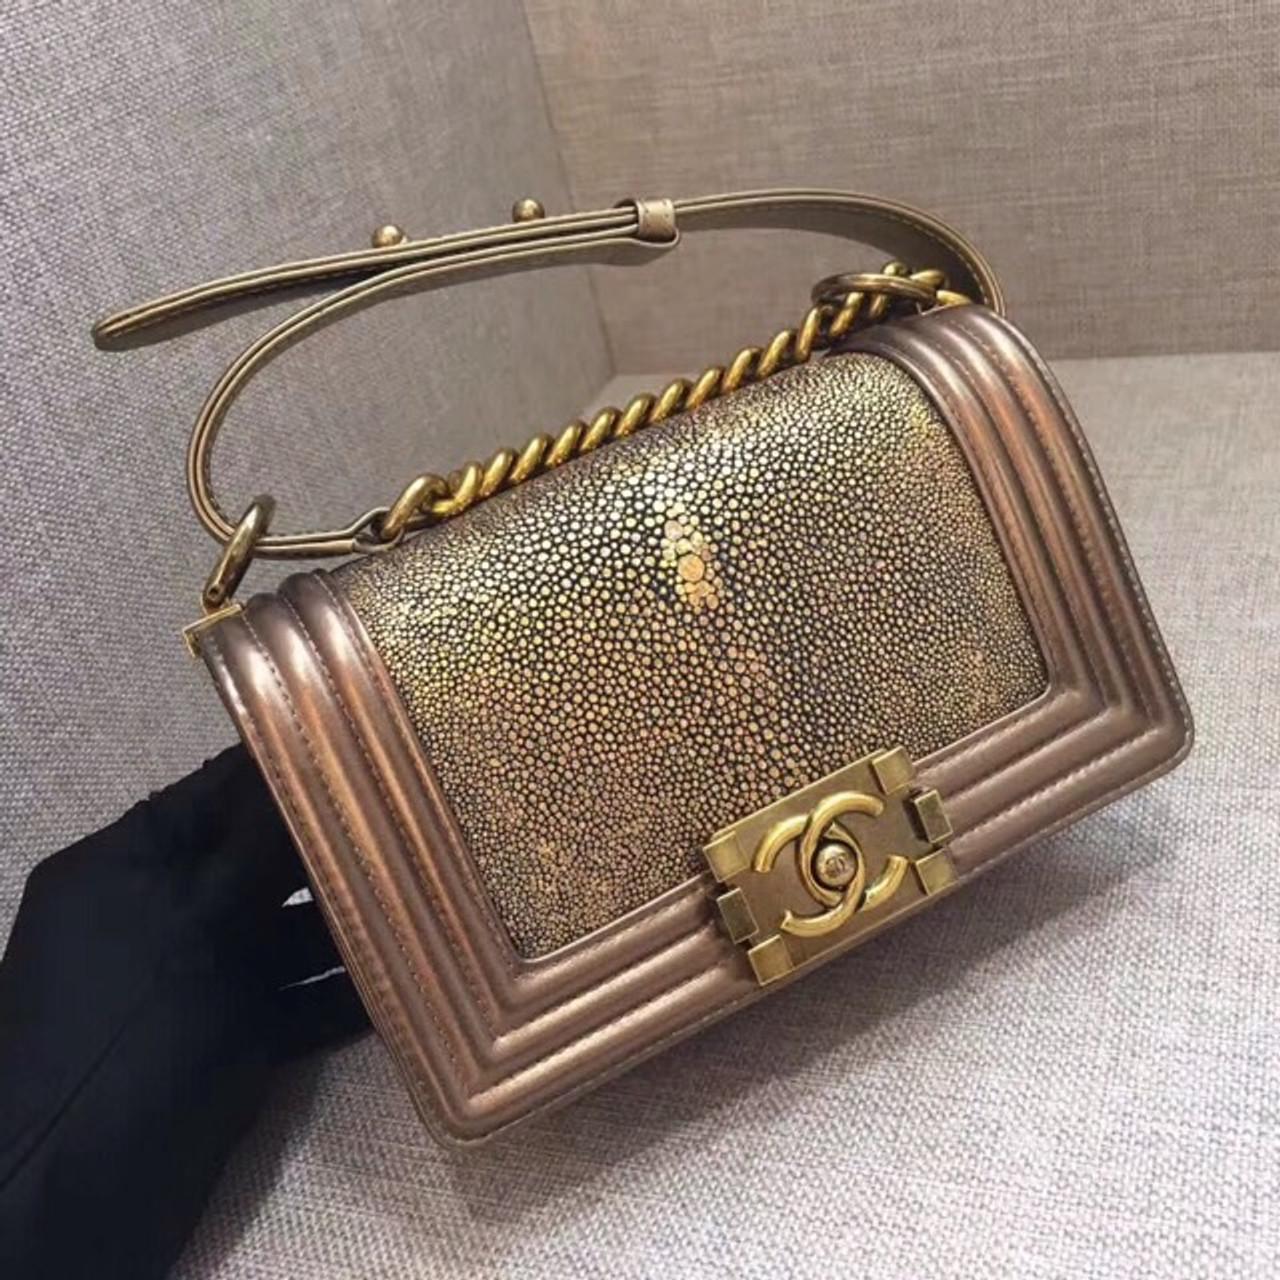 636b2581b152 Chanel Metallic Gold Stingray Small Boy Bag - Bella Vita Moda